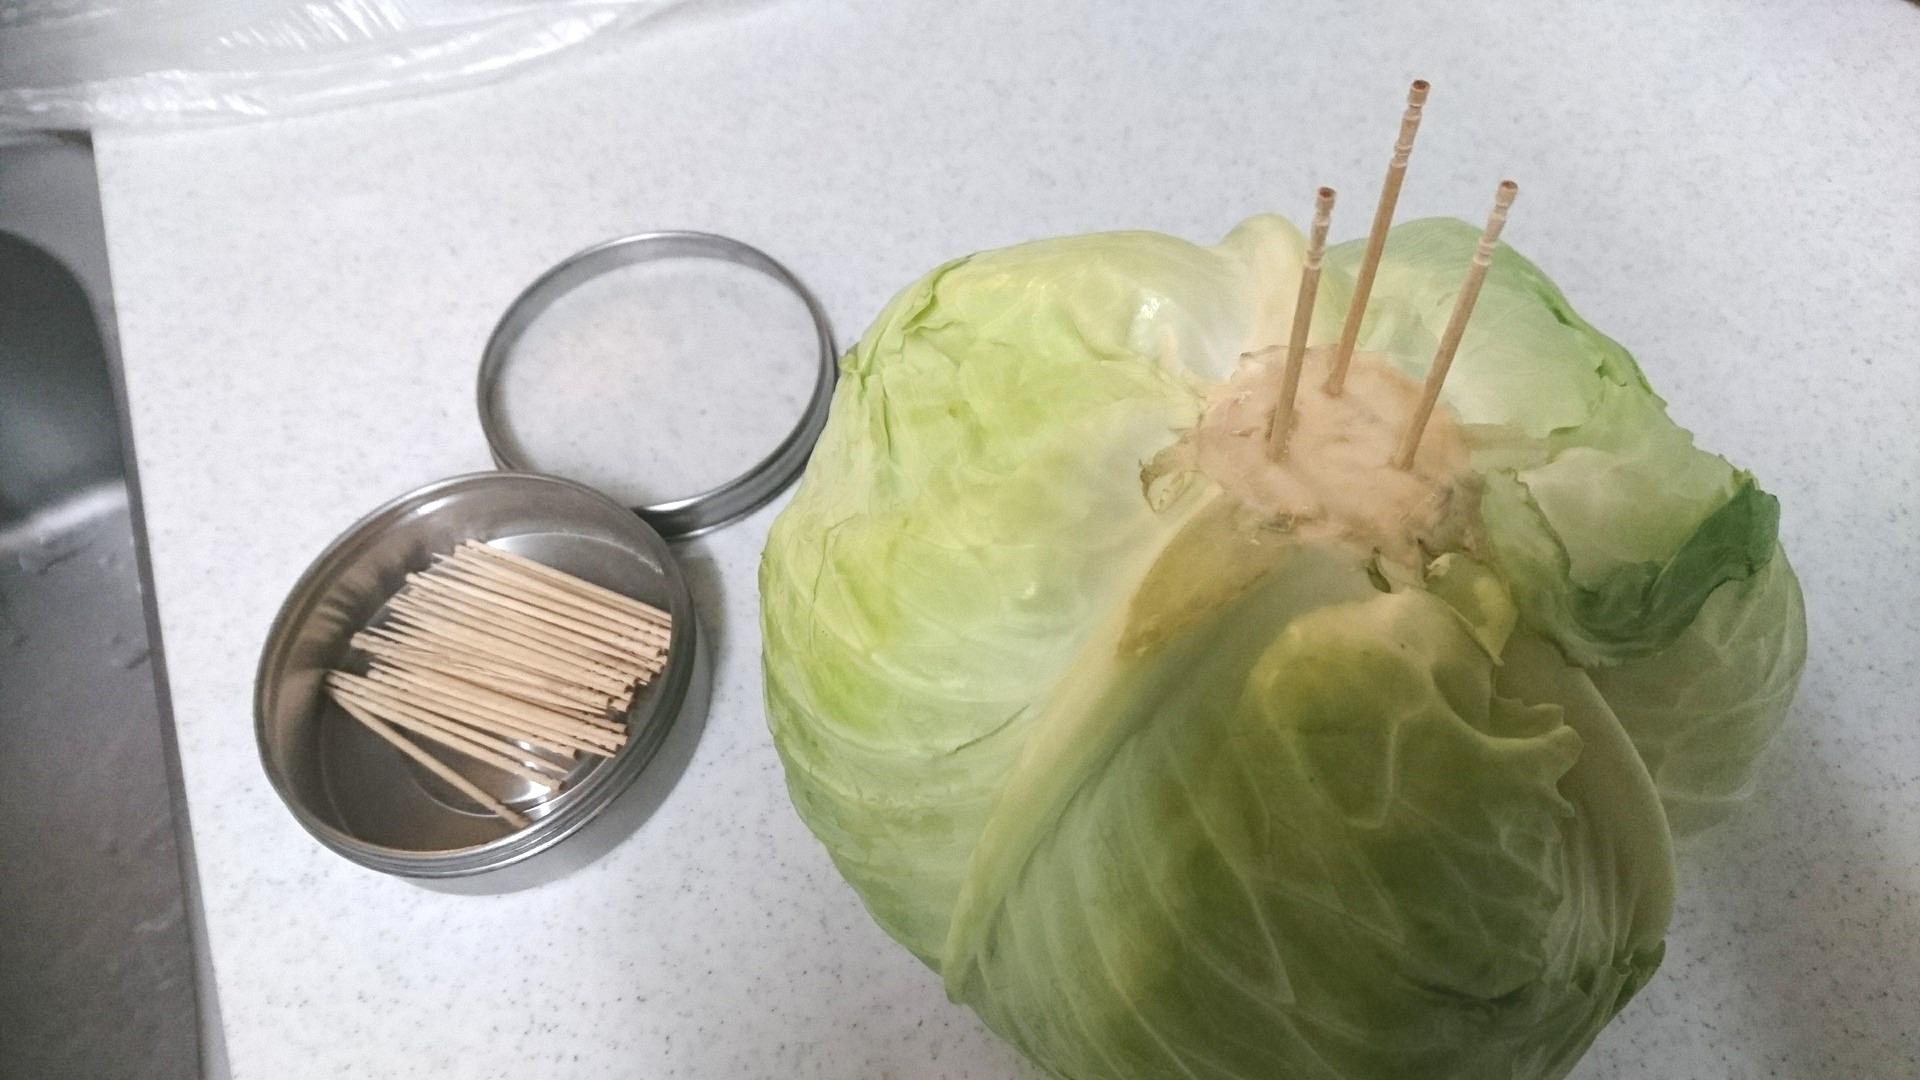 キャベツ 爪楊枝